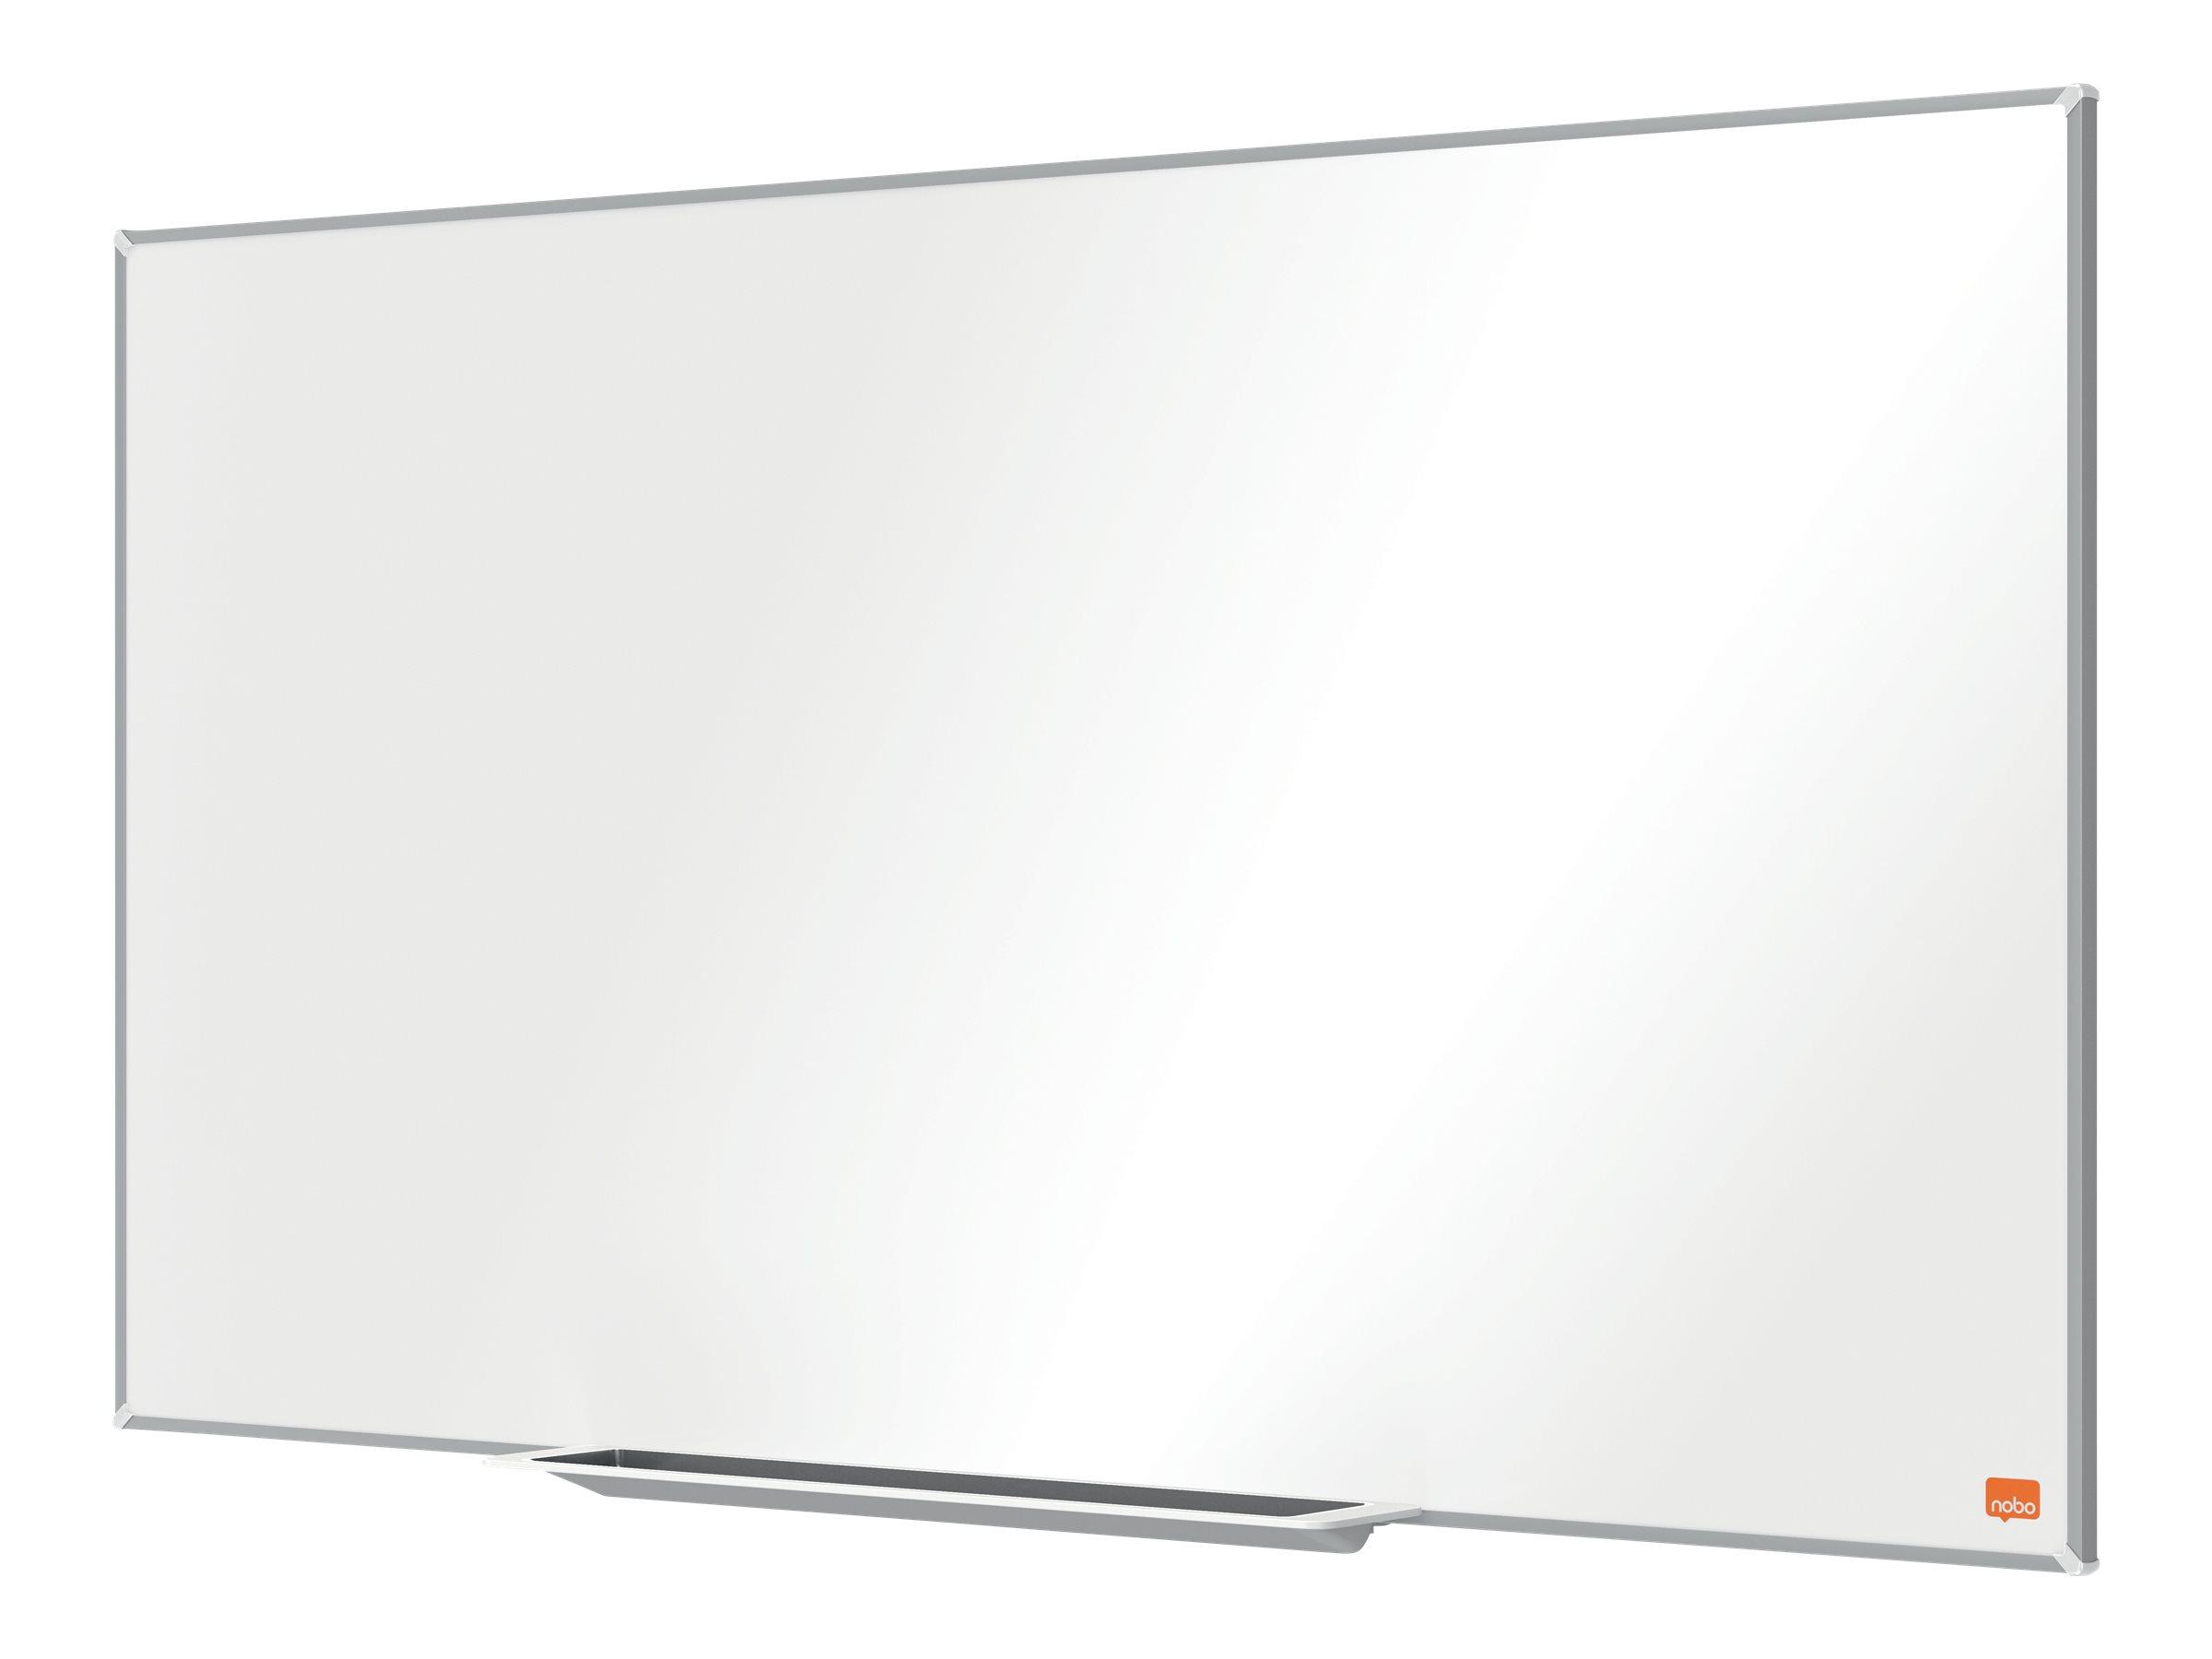 Nobo Impression Pro - Tableau blanc émaillé magnétique - 89 x 50 cm